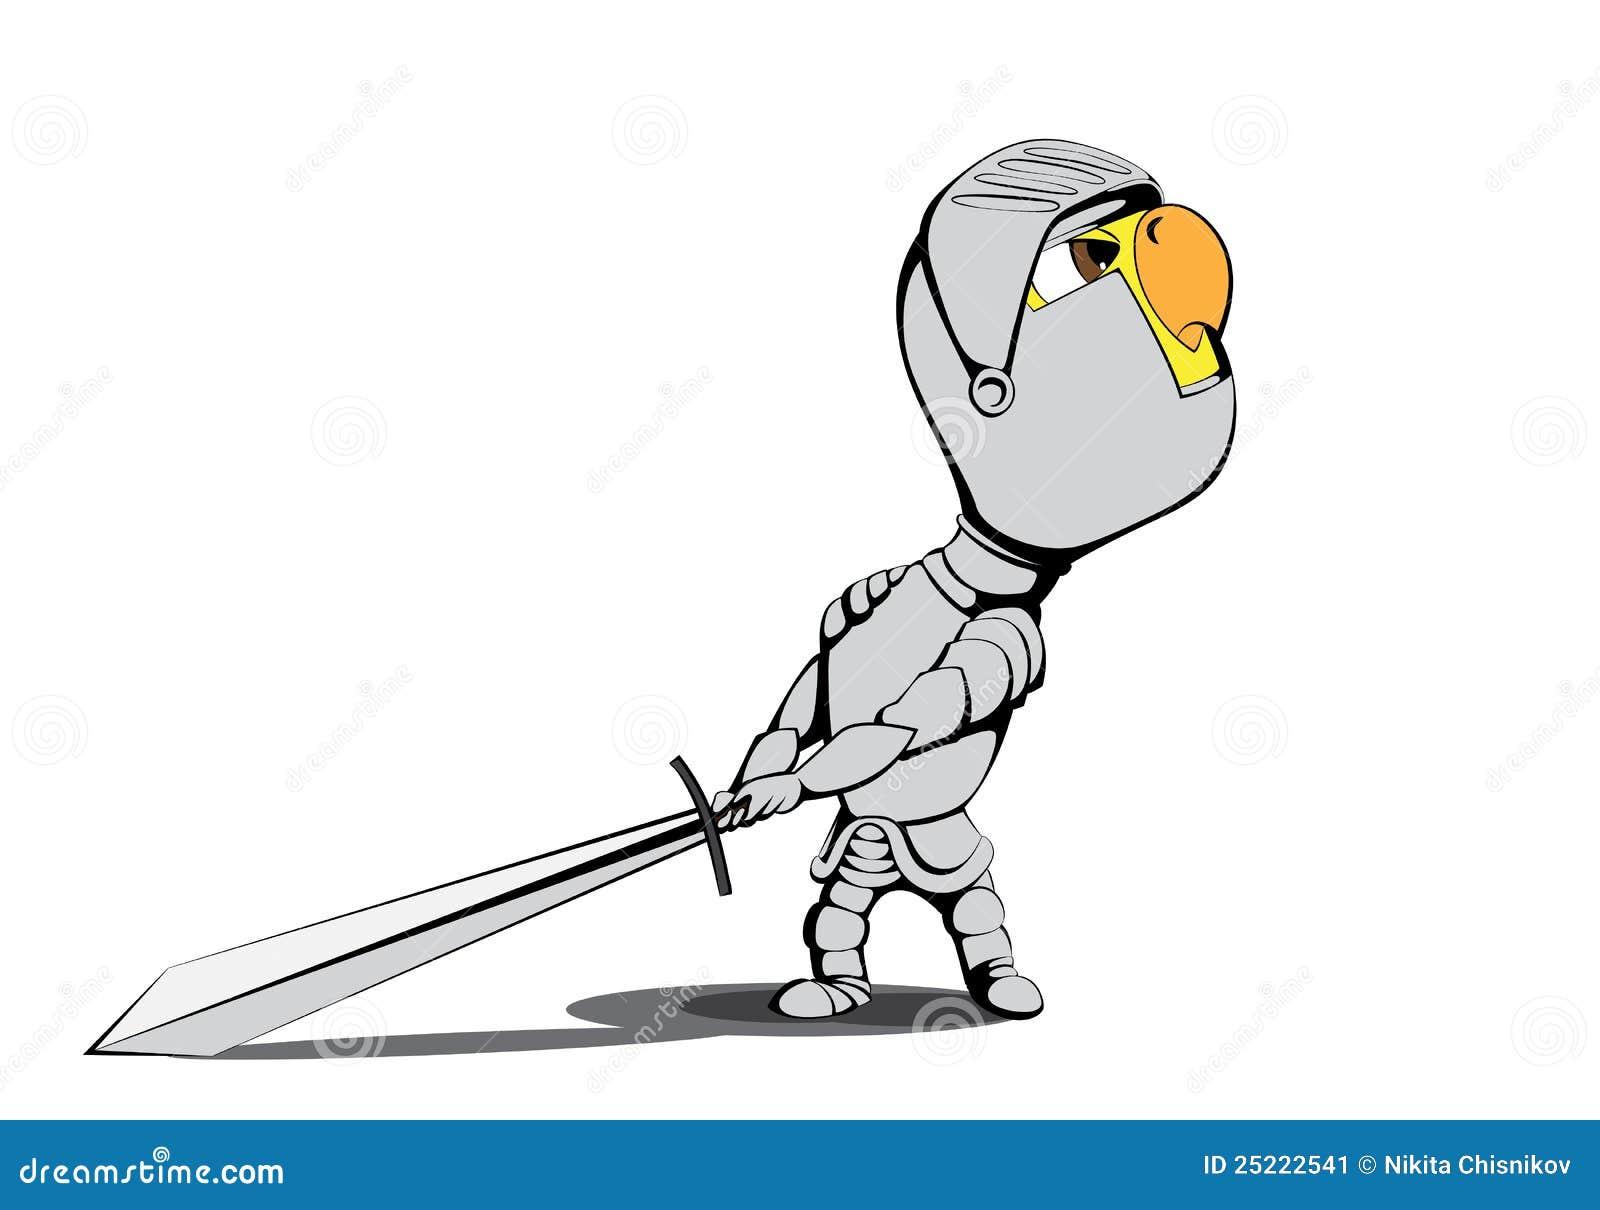 小鸡骑士 库存图片 - 图片